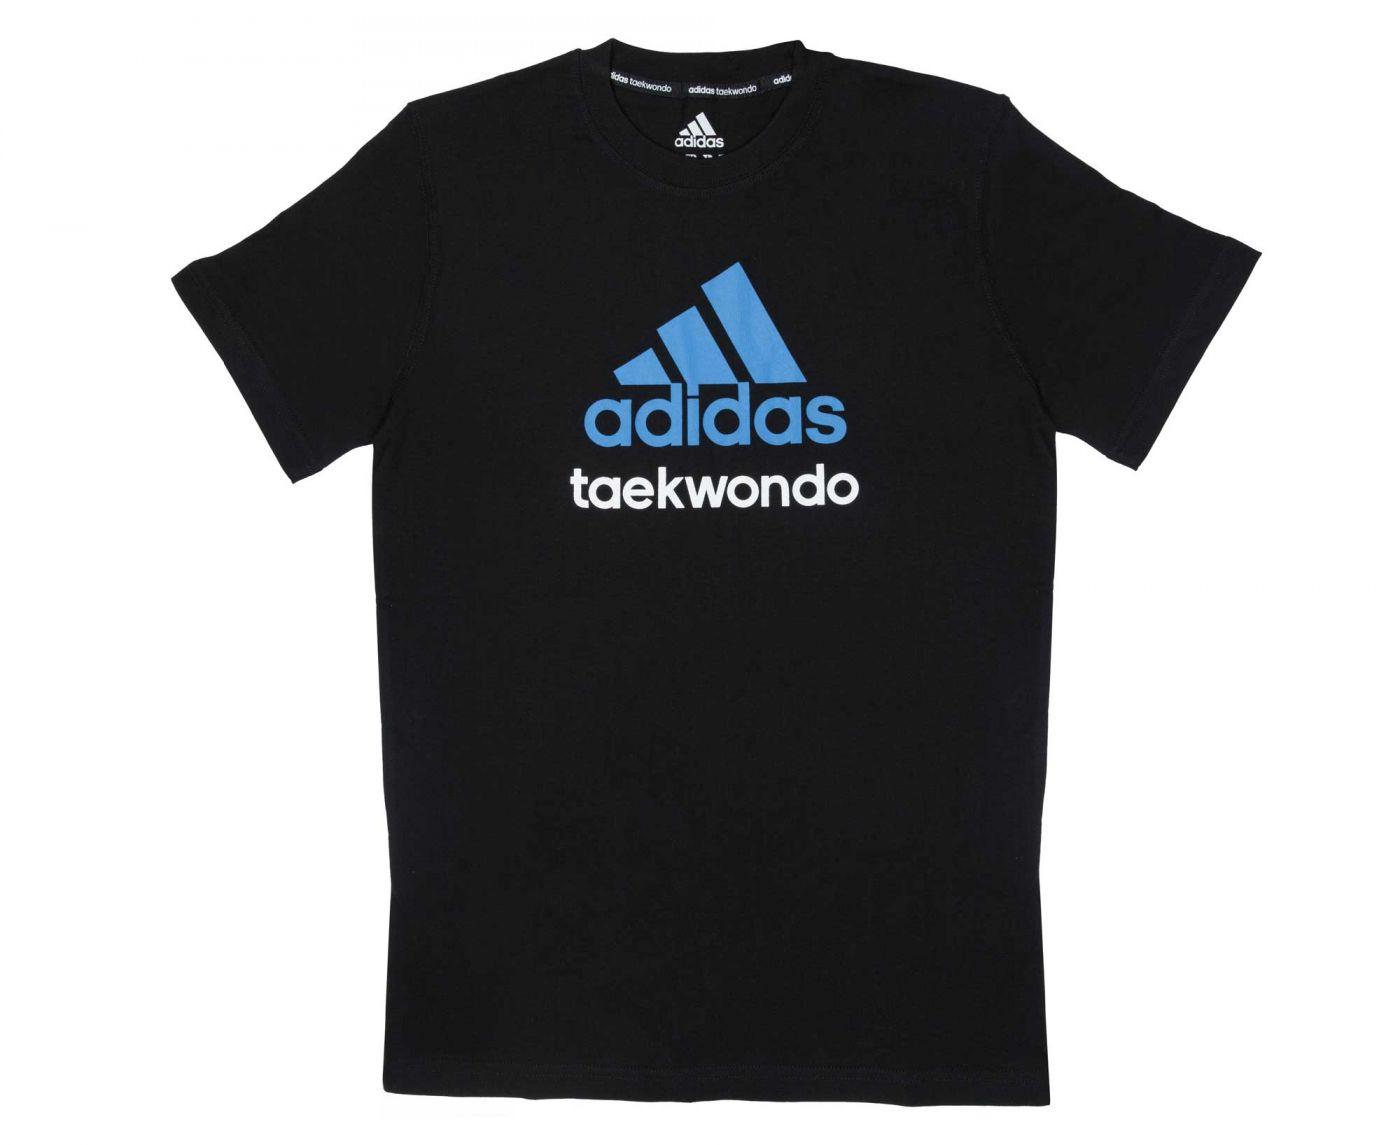 Футболка Adidas Community T-Shirt Taekwondo чёрно-синяя, размер S, артикул adiCTTKD